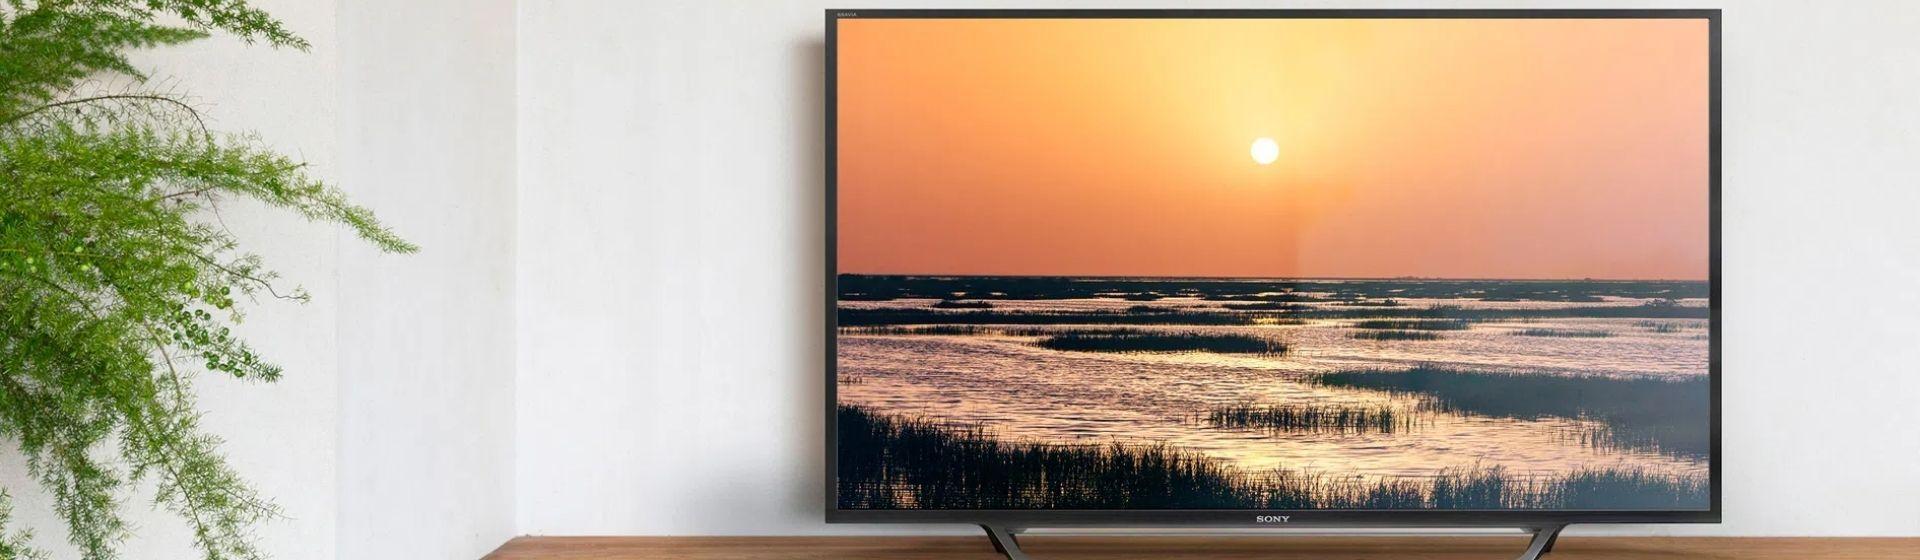 Melhor smart TV 32 polegadas 2021: confira a nossa seleção